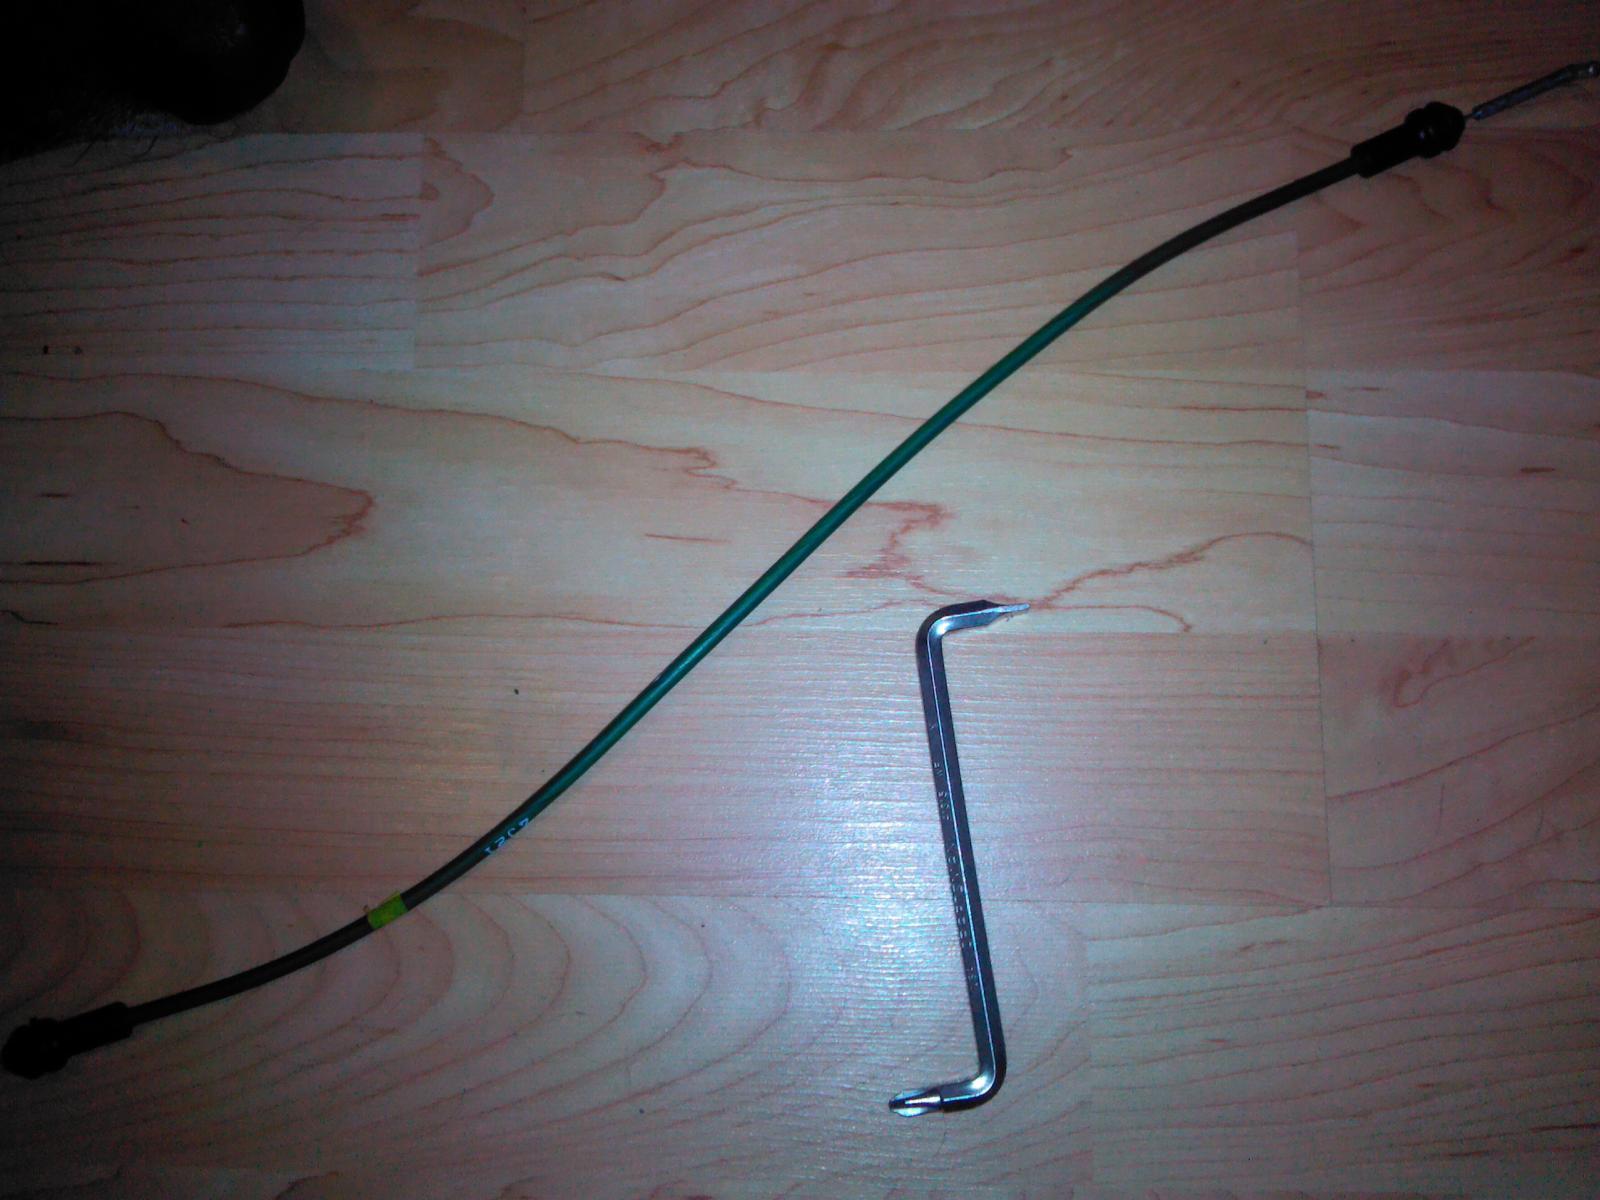 Garage door cable broke - Garage Door Cable Broke Wageuzi